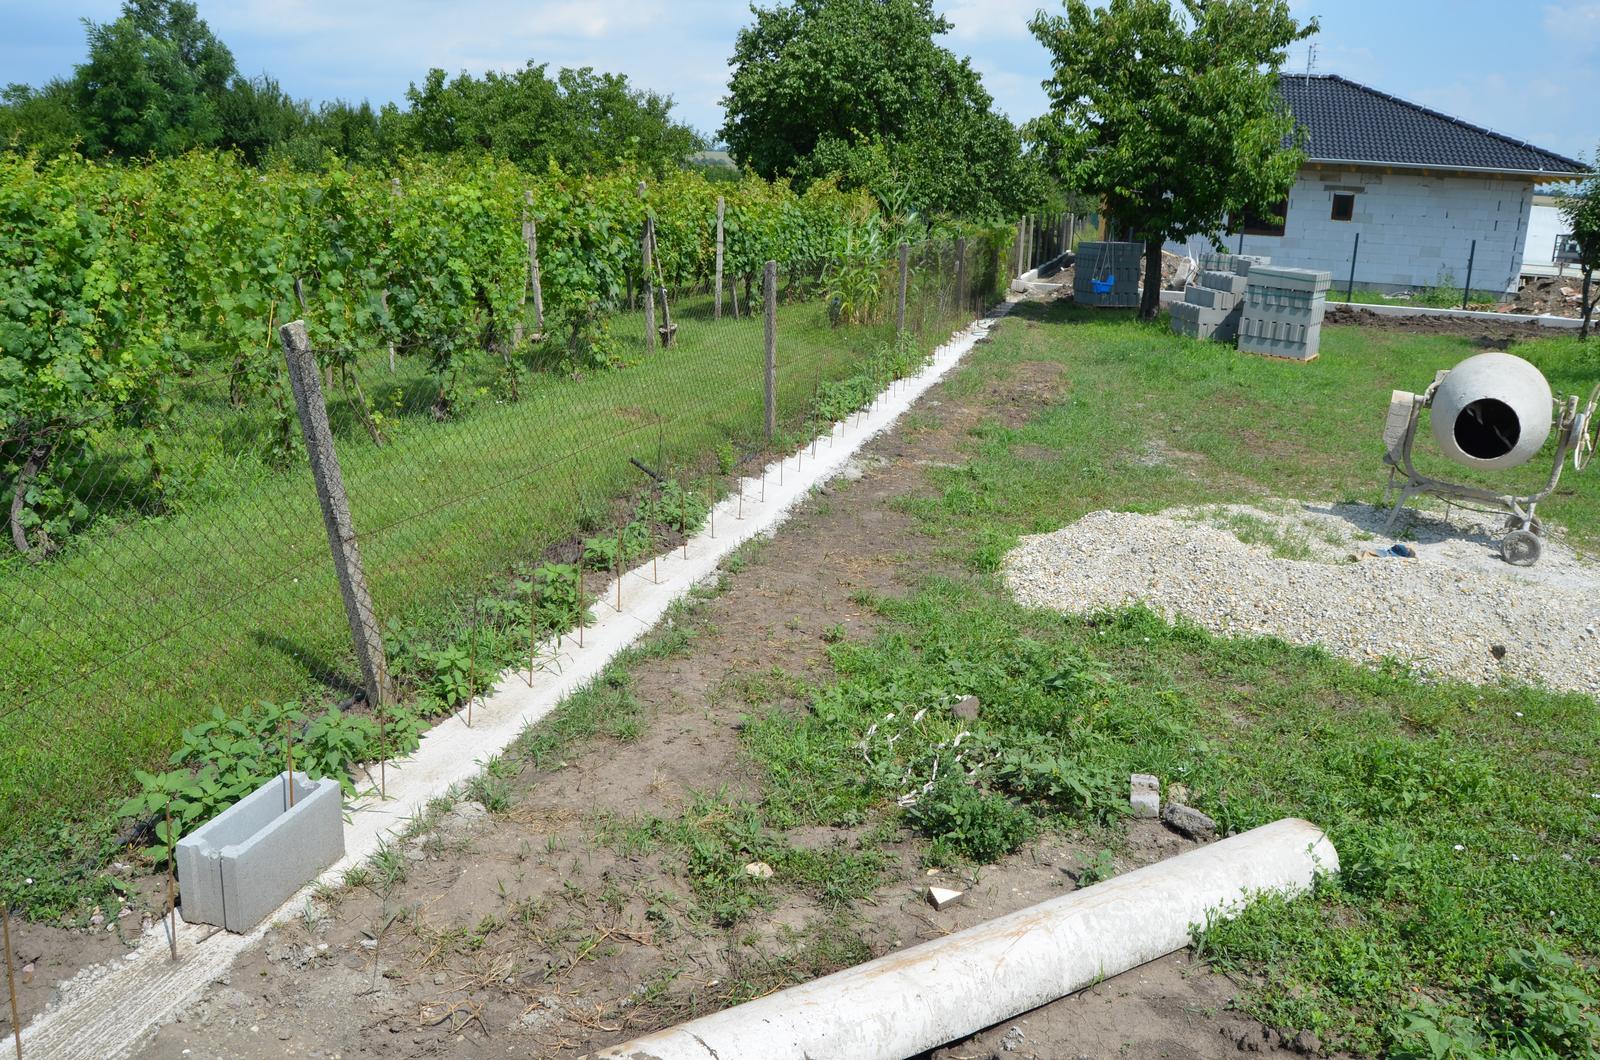 Okolie domu - Zabetónovali sme plot od susedov, vzadu, kde je čerešňa, bude raz pracovný domček s prístreškom pre autá. Za čerešňou pribudli nový susedia :-)